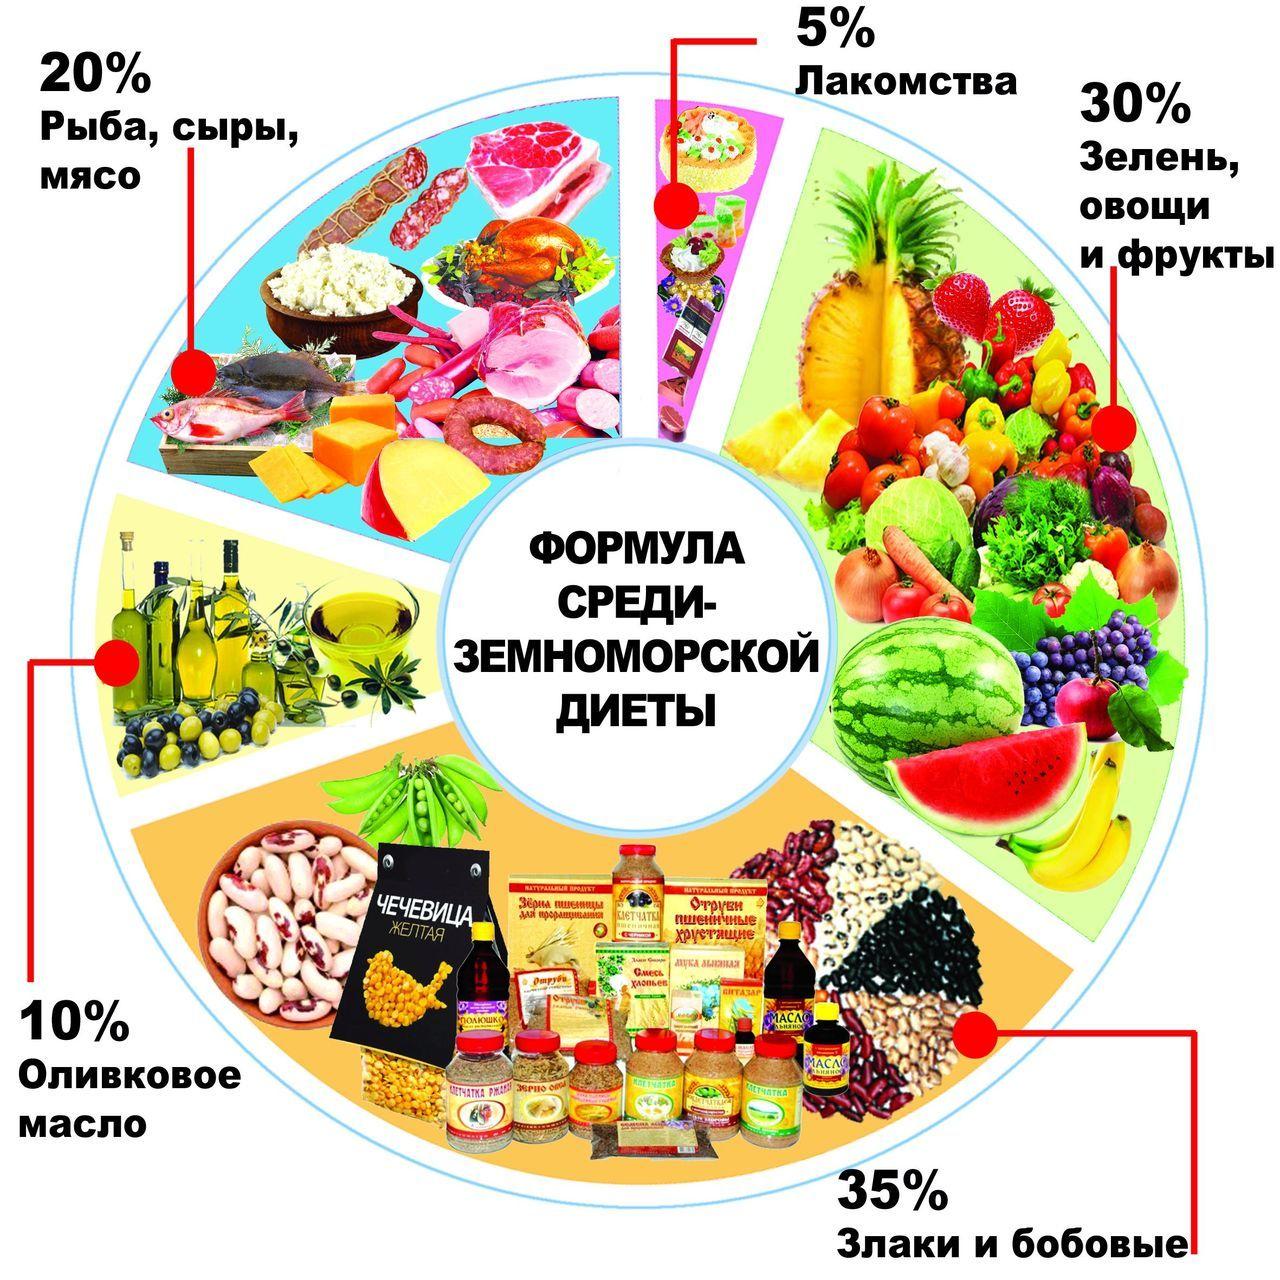 Здоровое питание: что это такое, зачем его соблюдать и сколько стоит